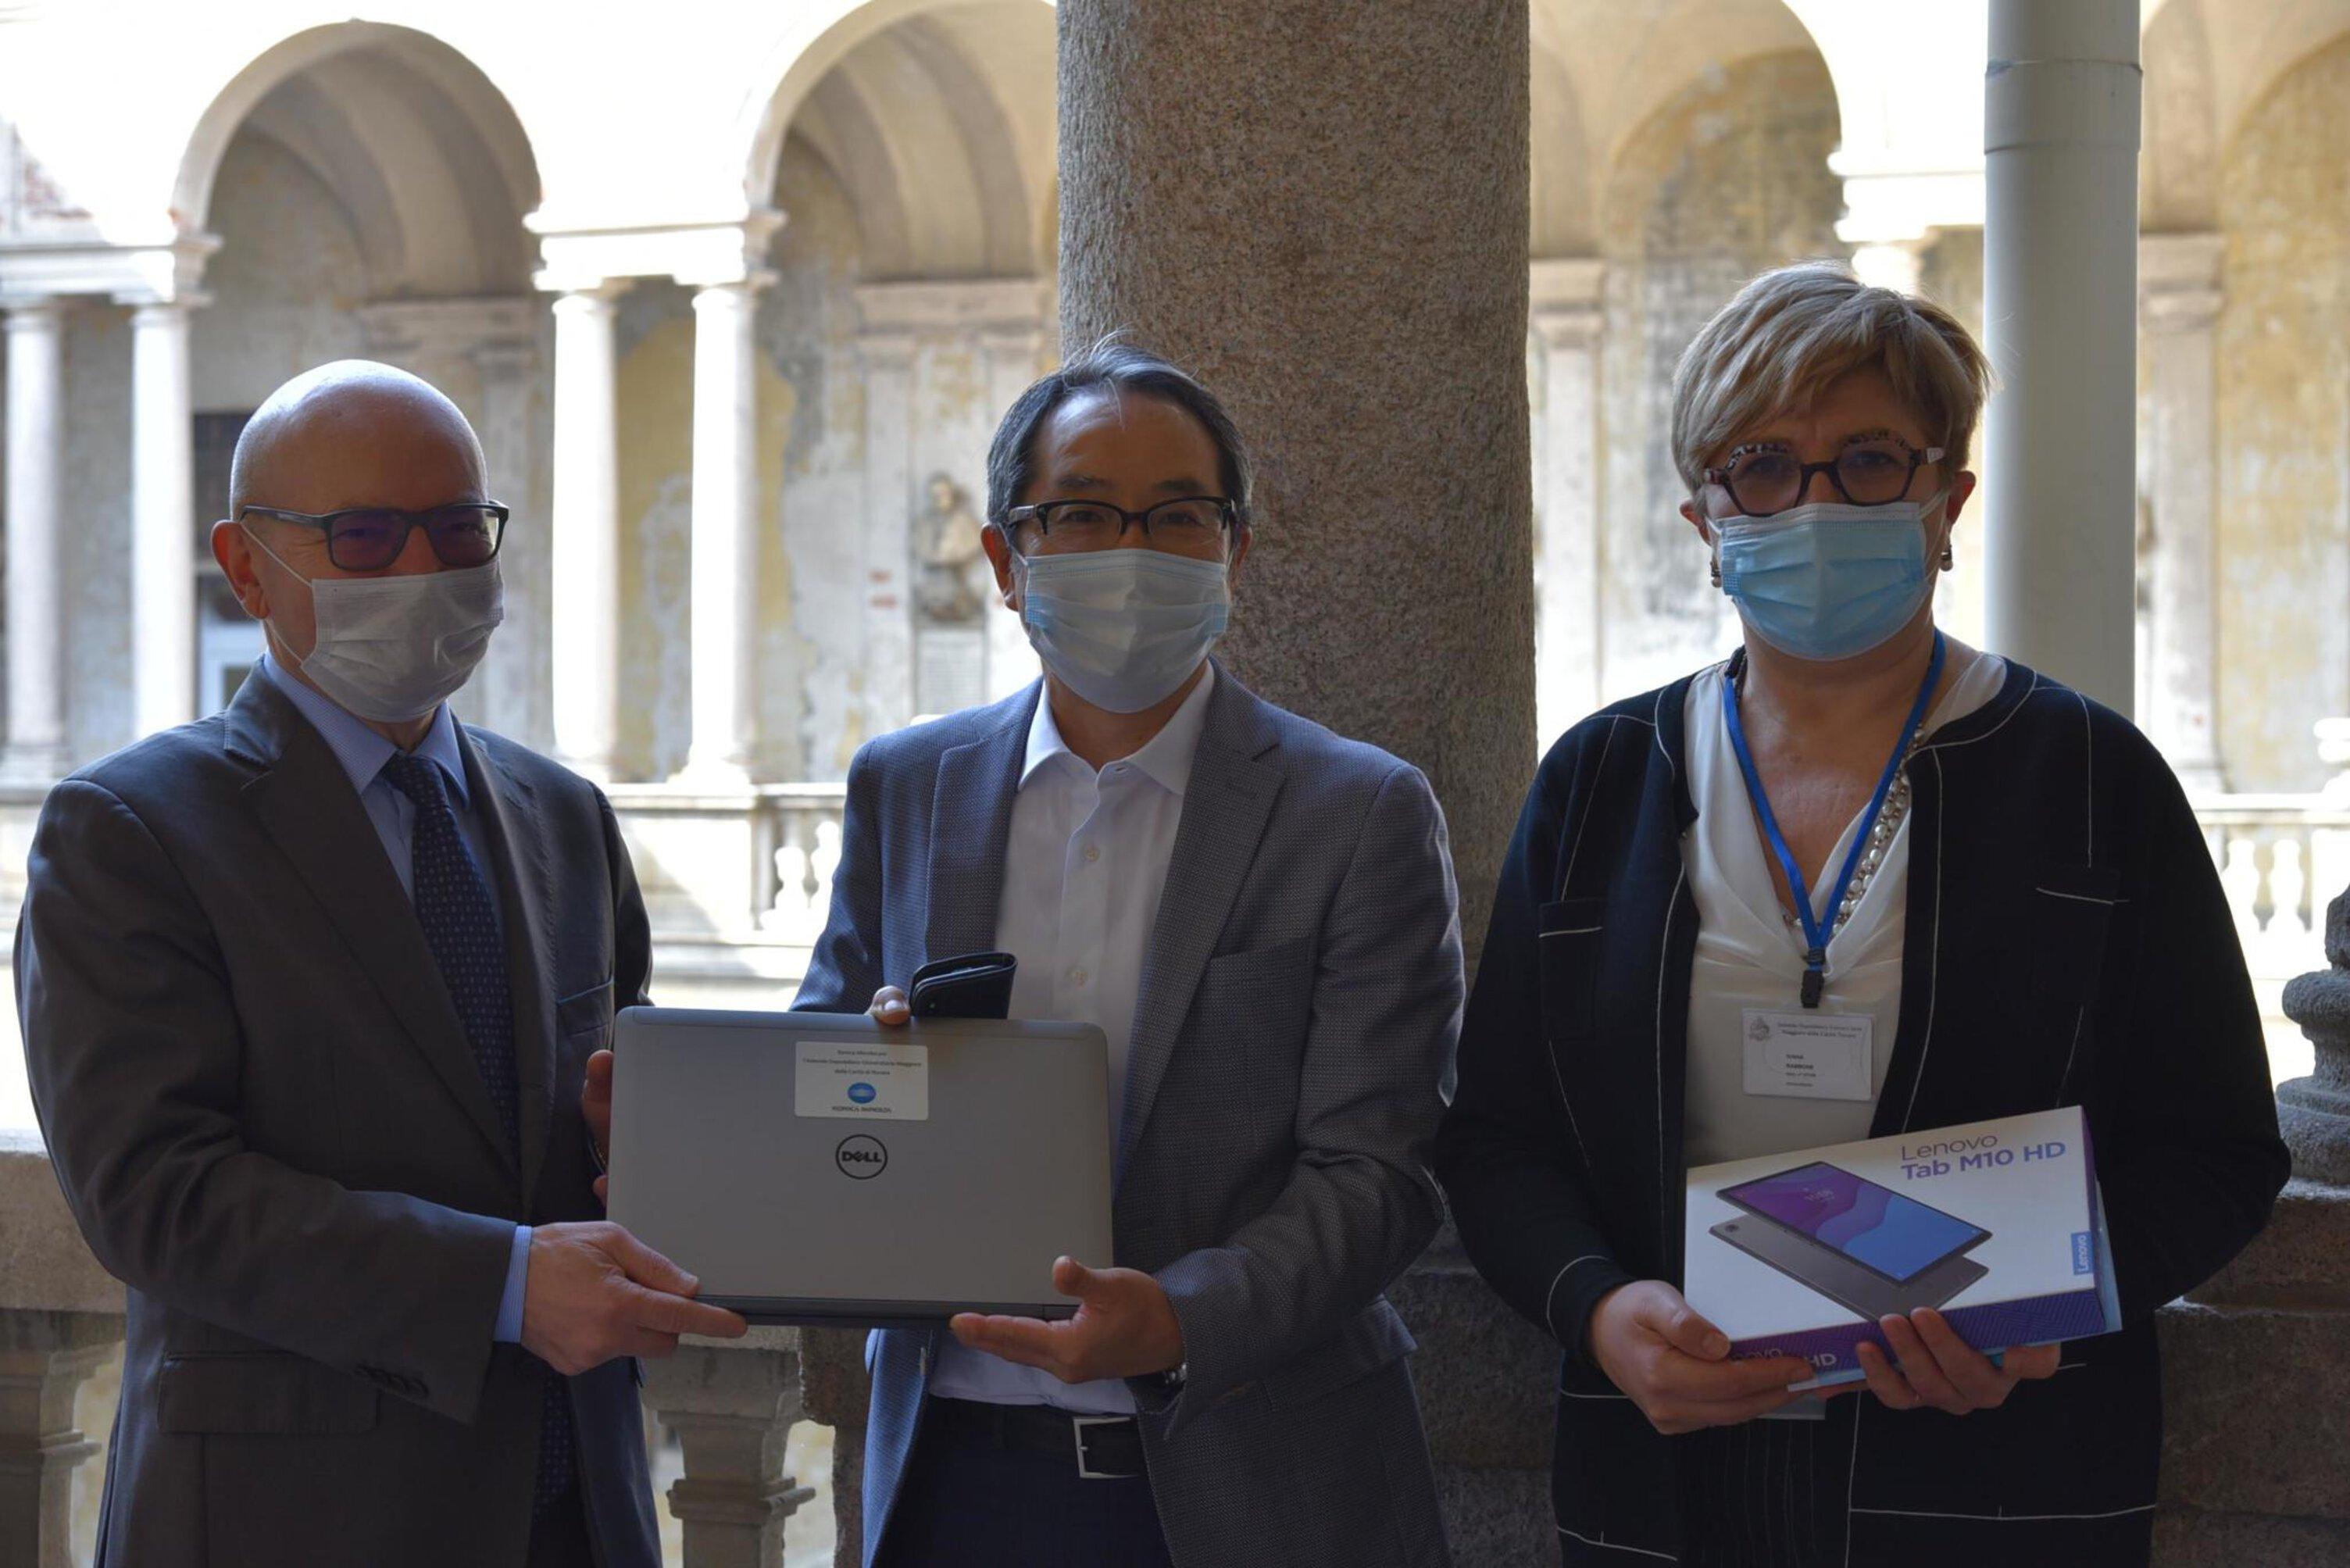 Ospedale Novara img 1